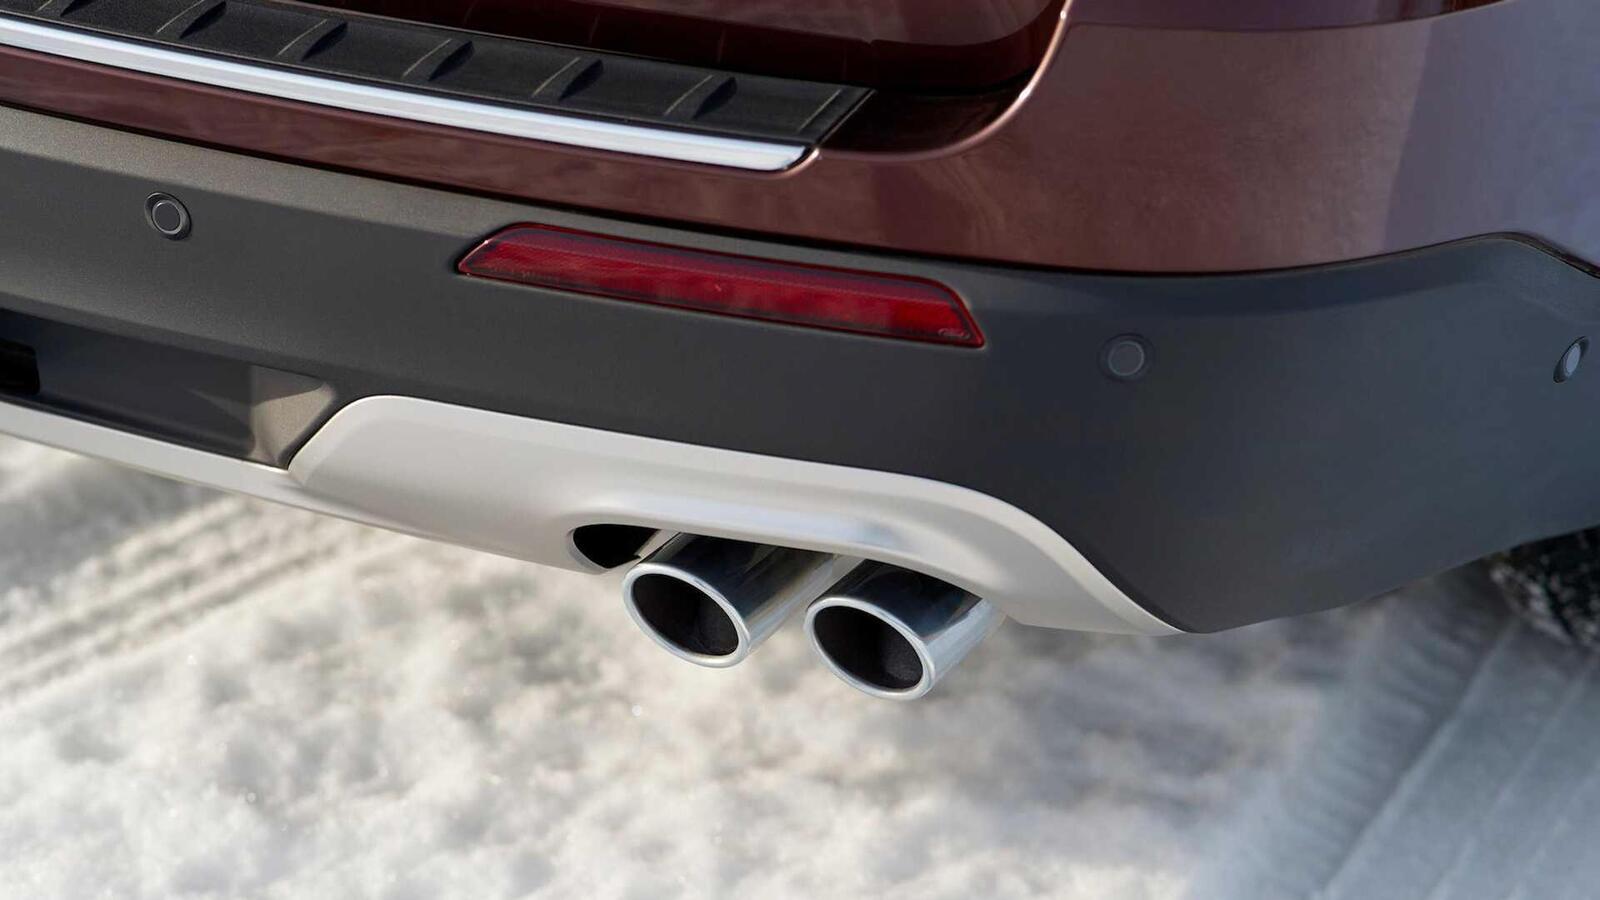 Ford Explorer 2020 thế hệ mới ra mắt; thiết kế mới và cải thiện khả năng vận hành - Hình 18